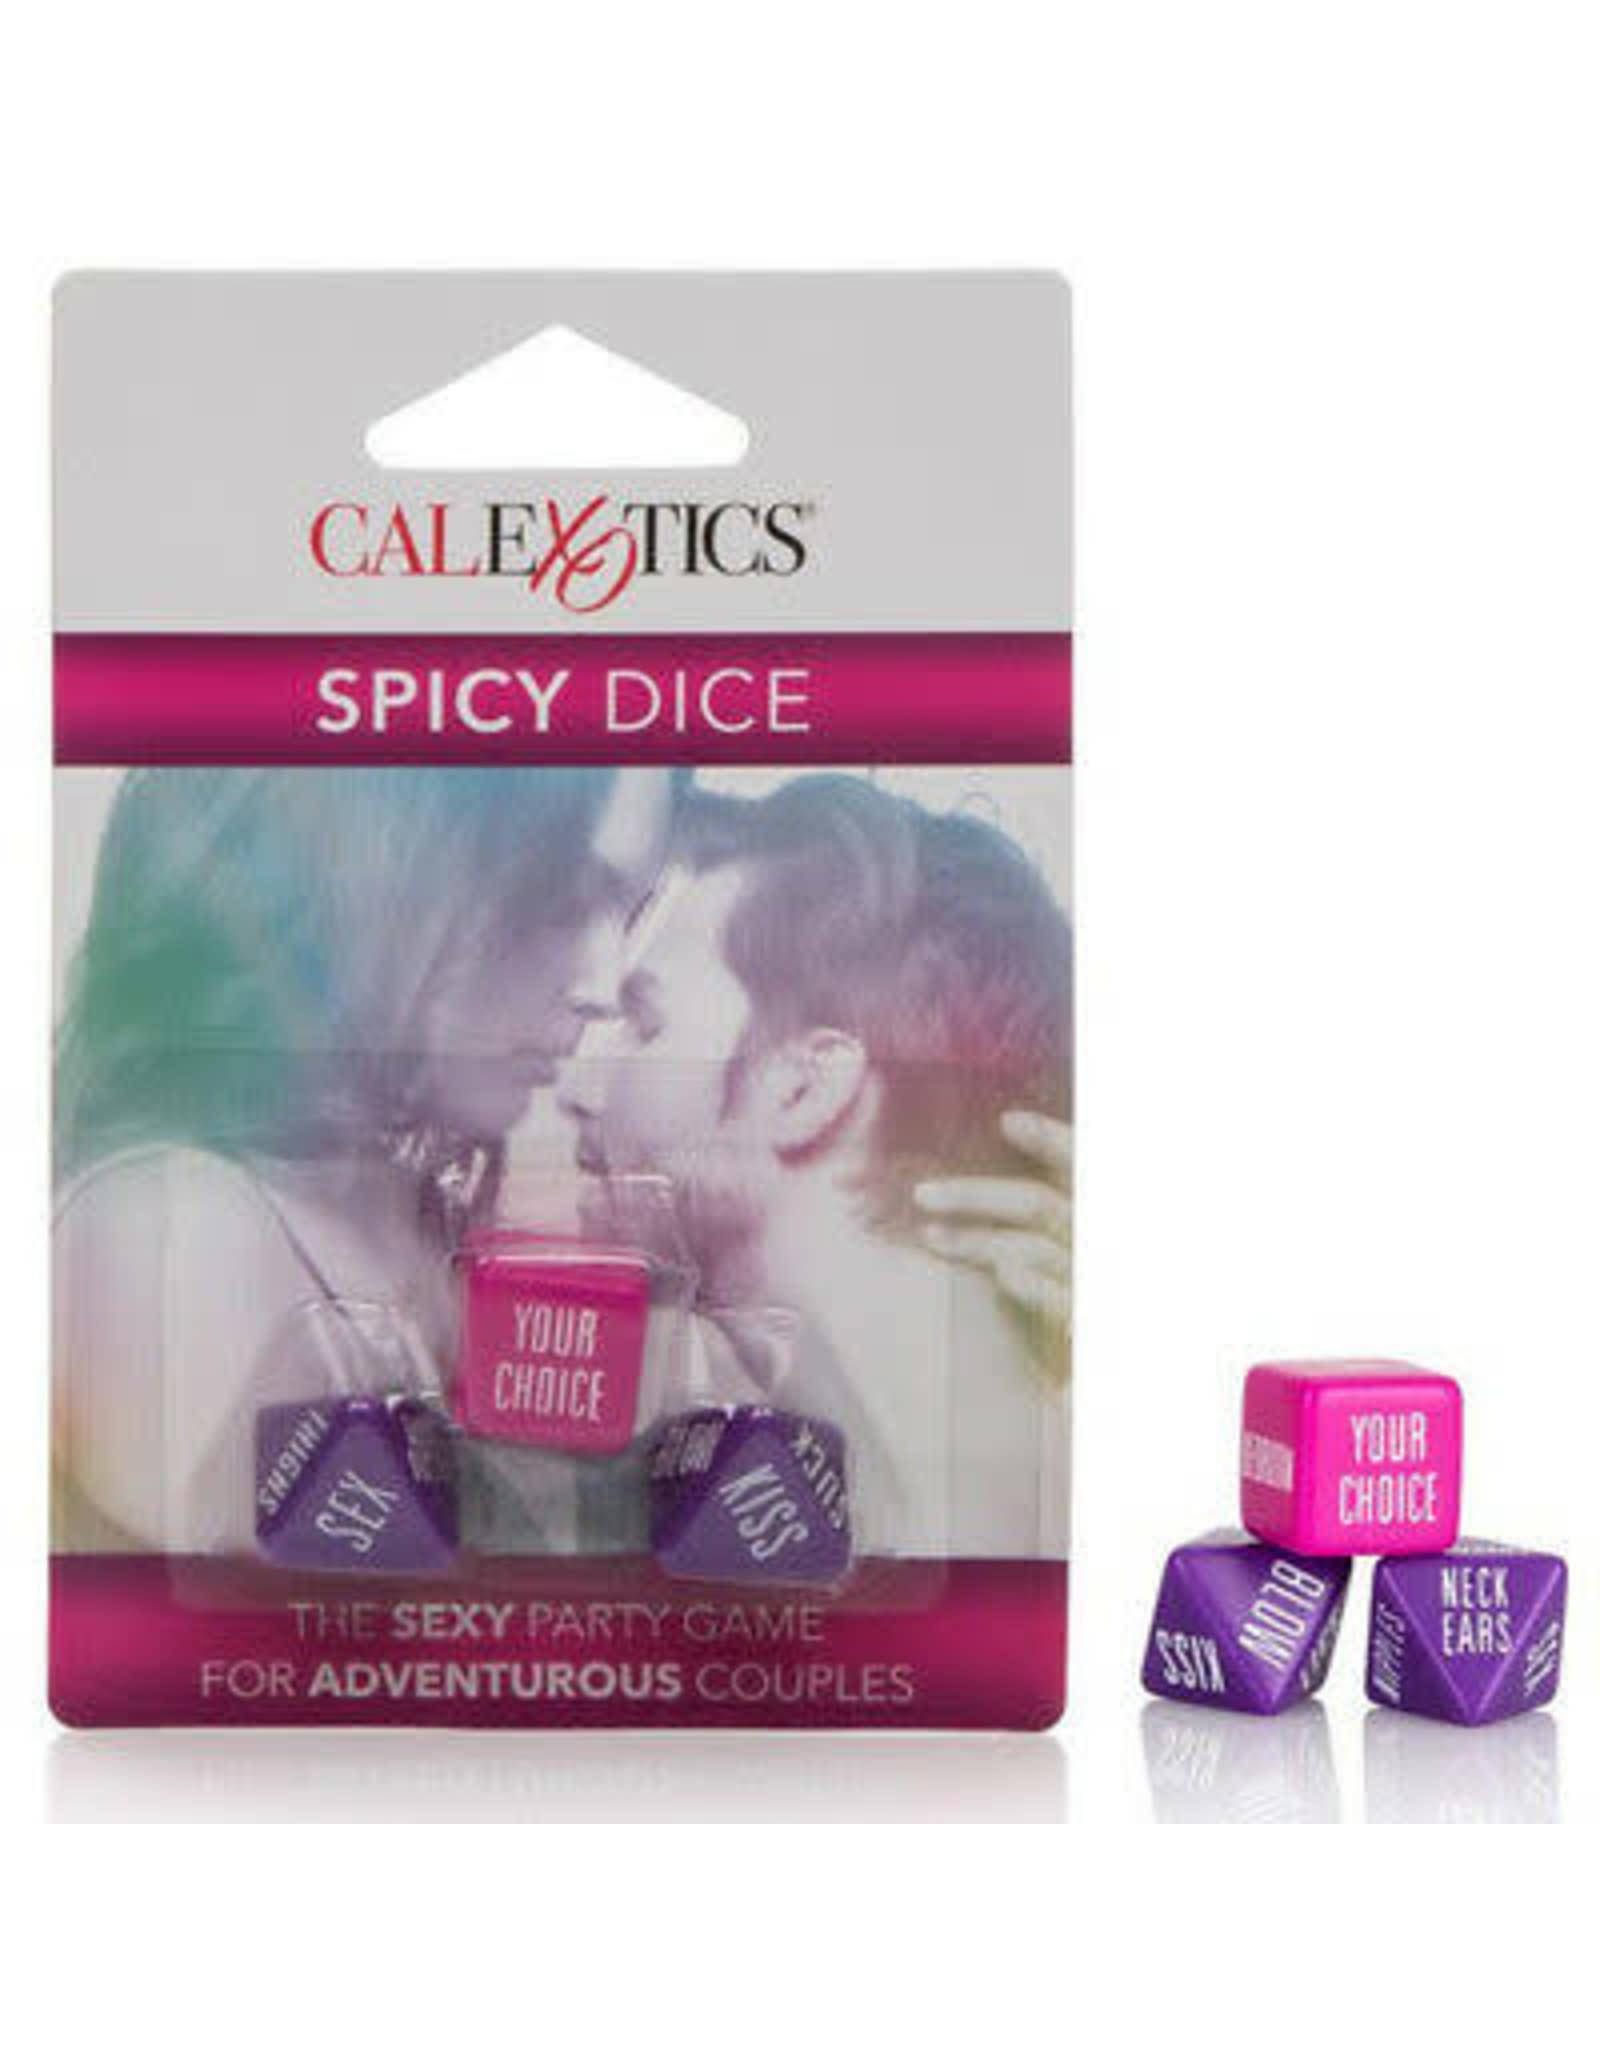 CALEXOTICS SPICY DICE